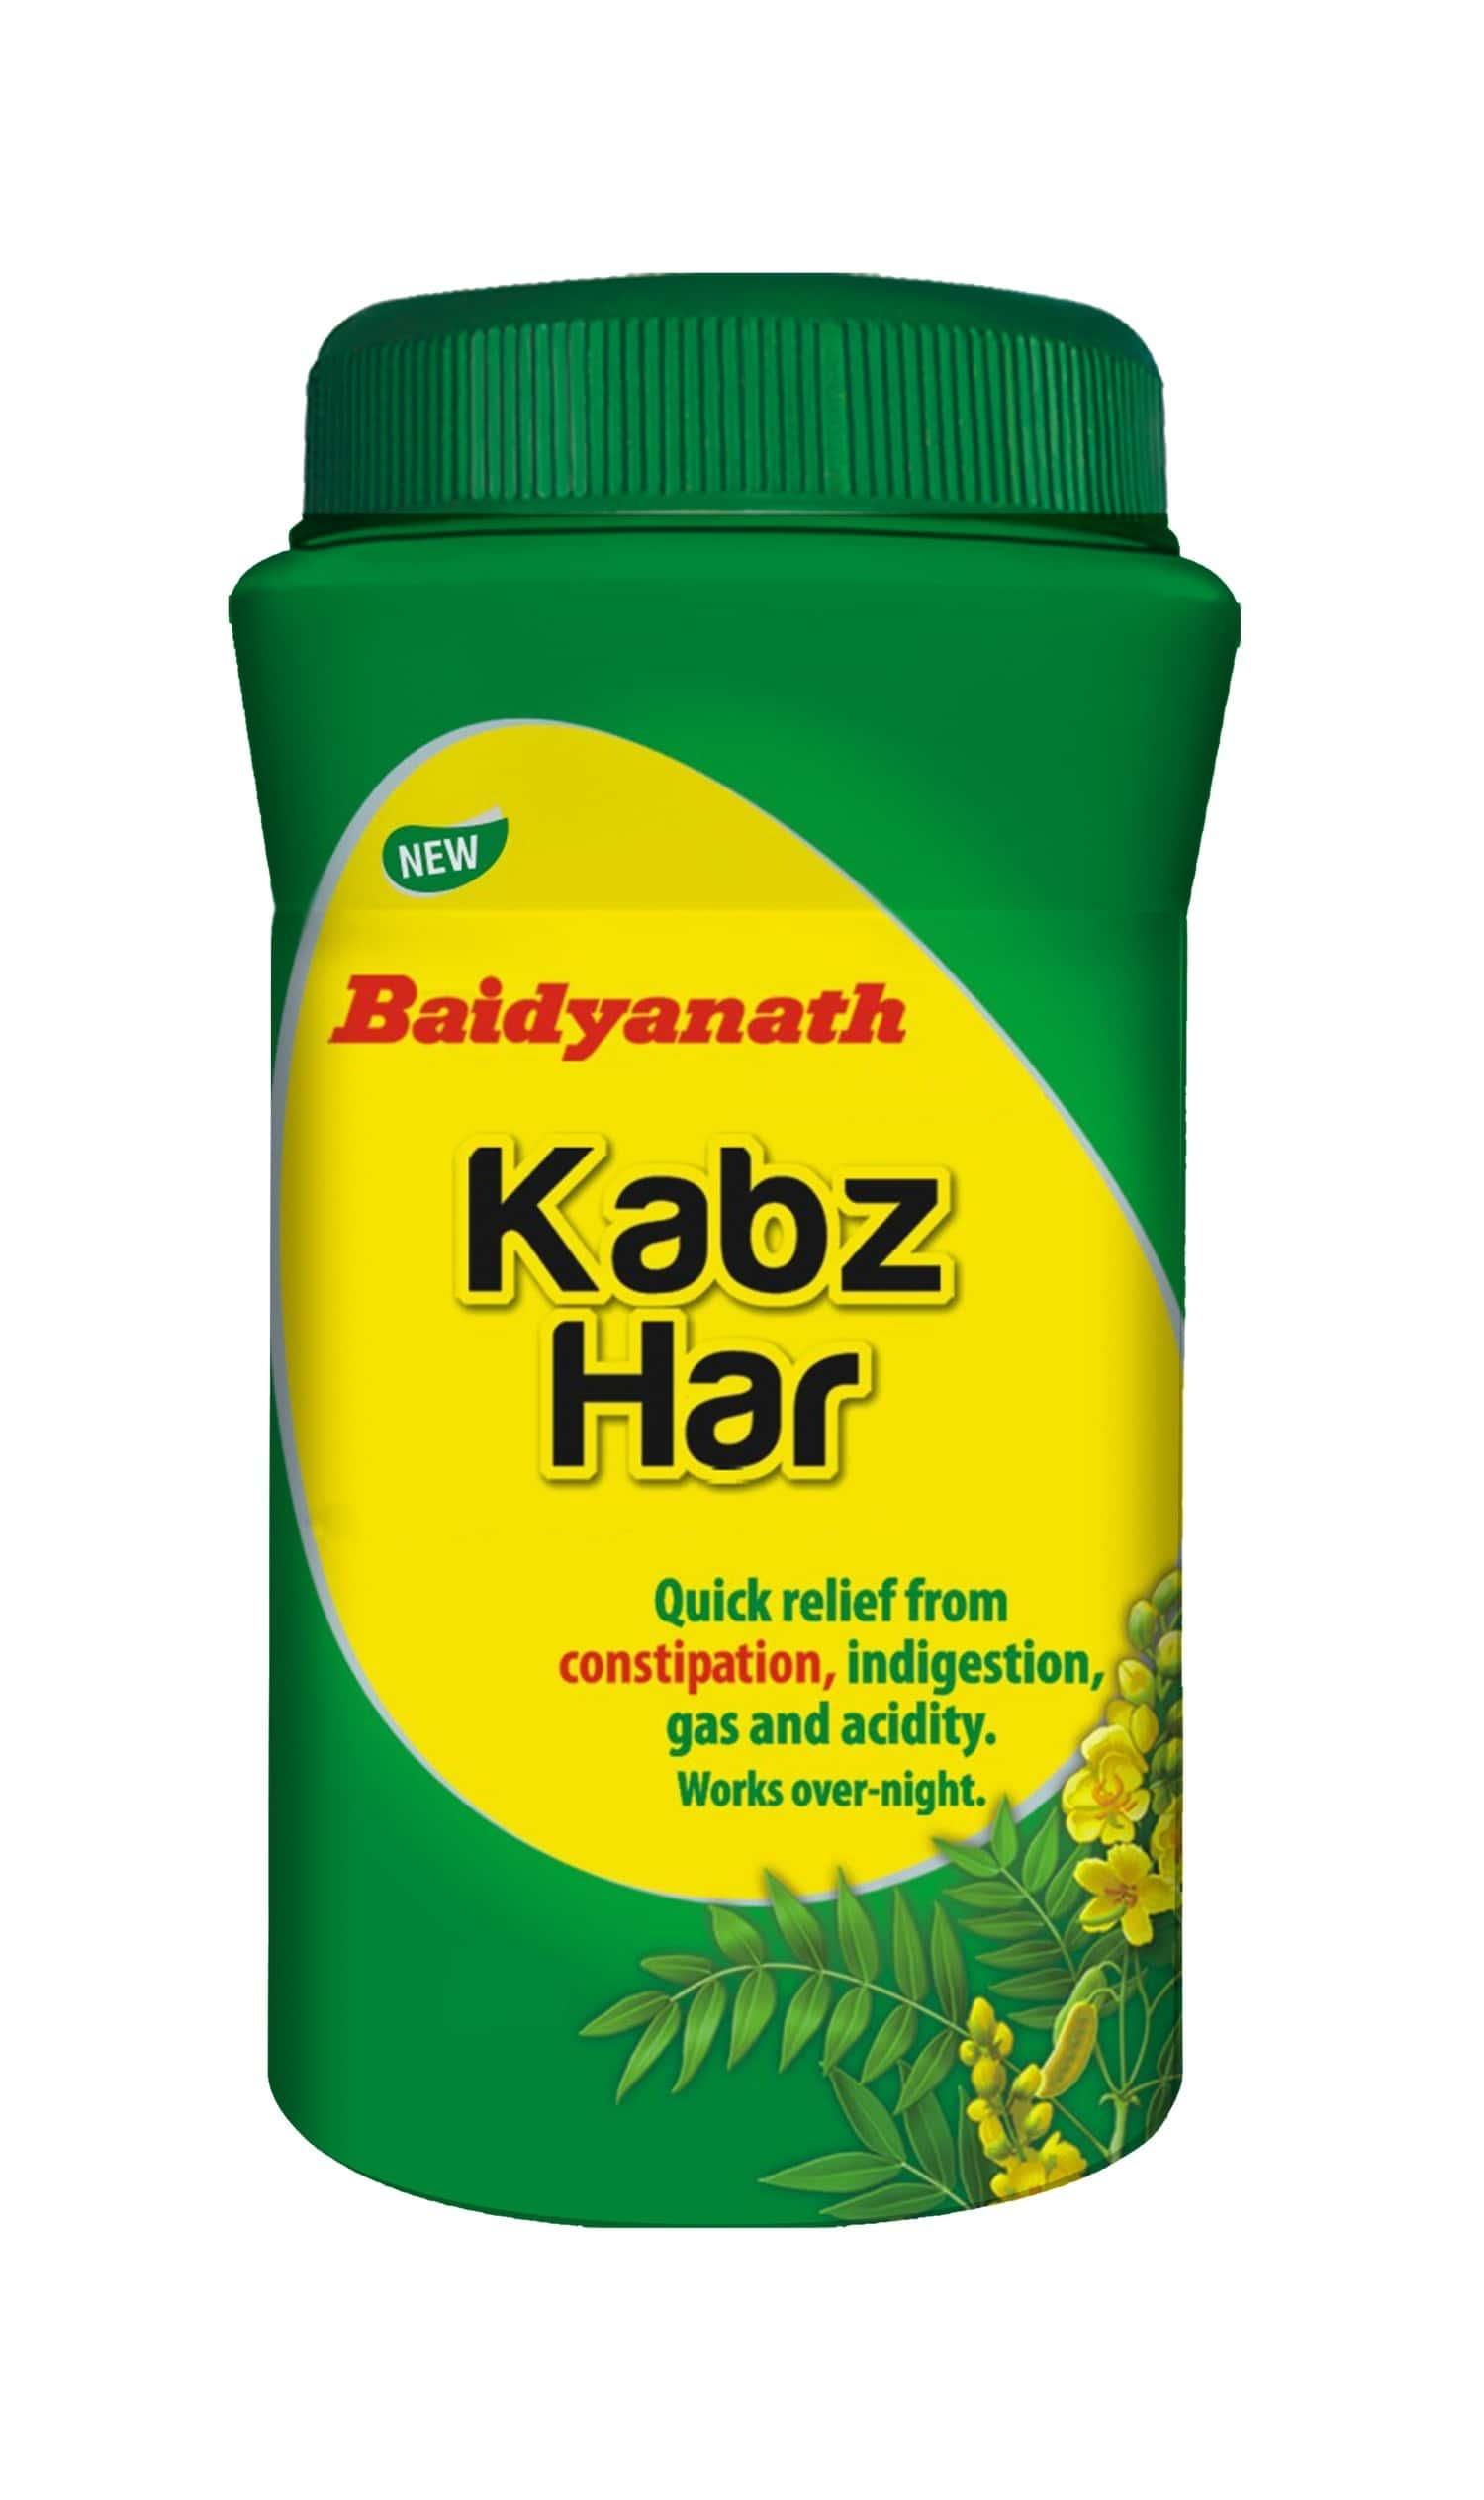 Baidyanath Kabzhar Bottle Of 100 G